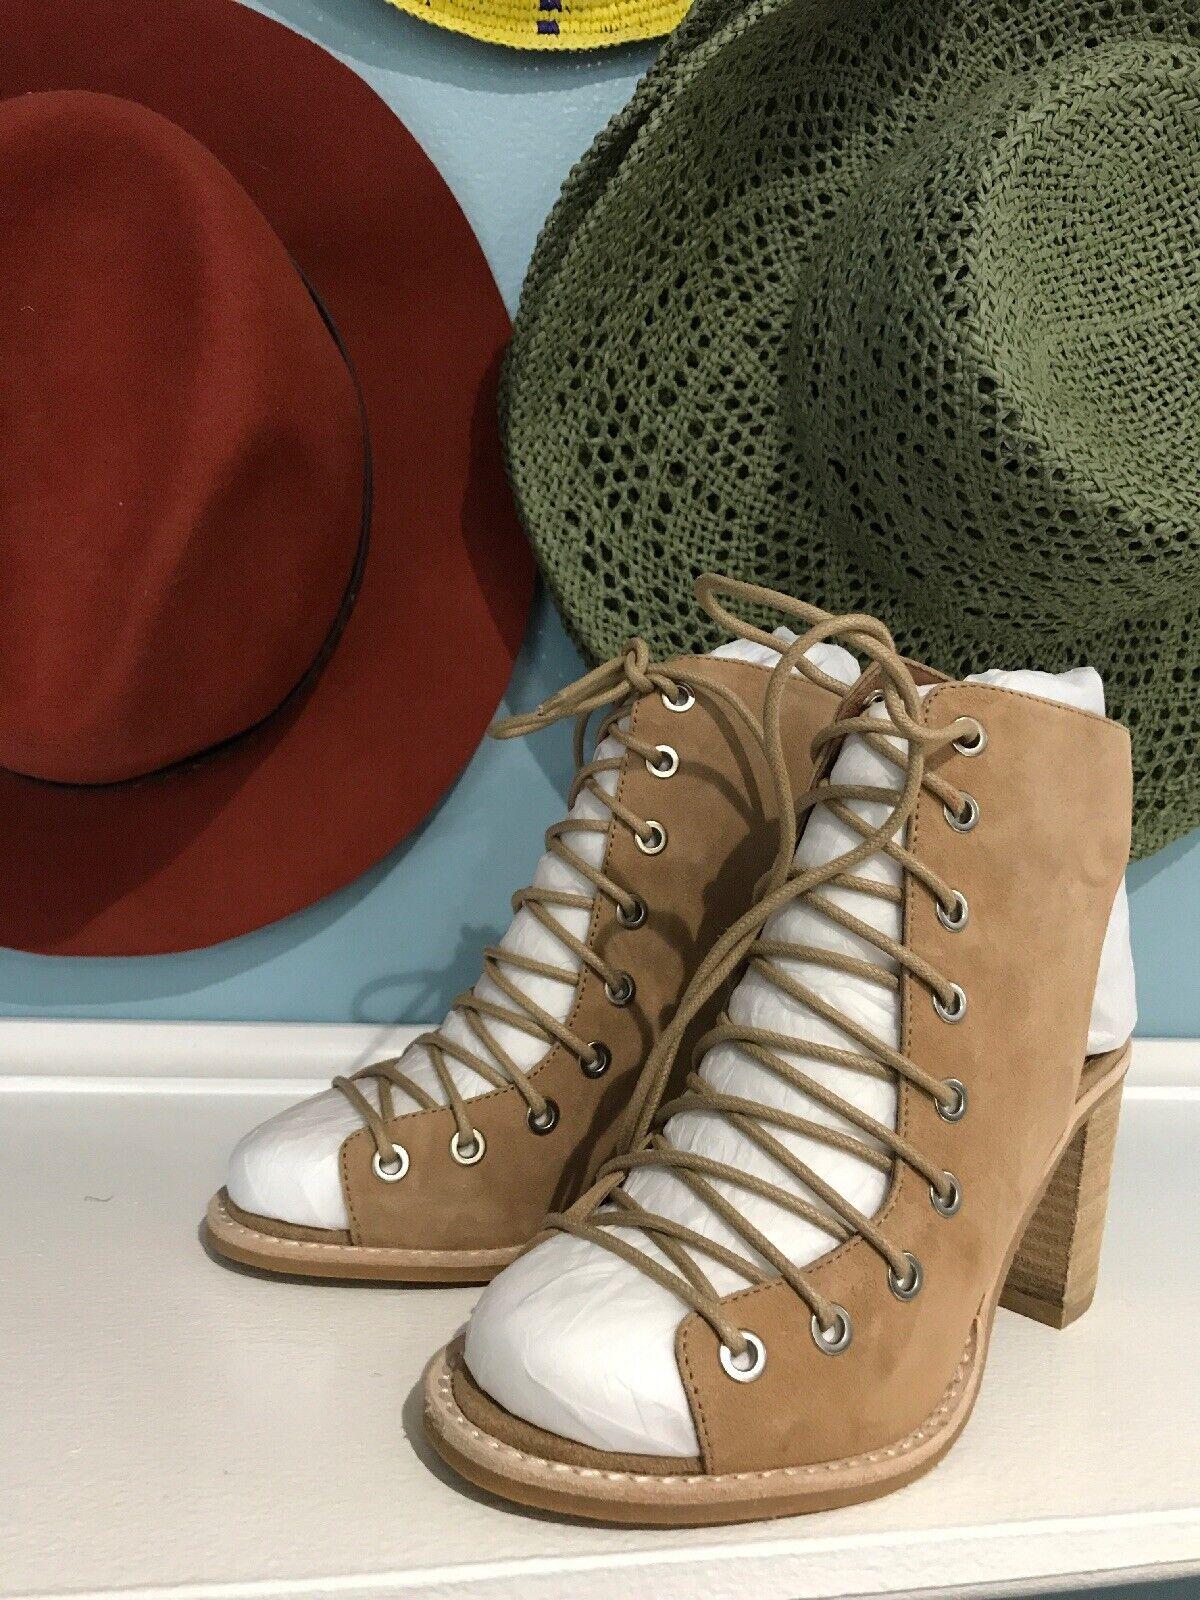 calidad fantástica Nuevo Jeffrey Campbell CORS Con Con Con Cordones Botines De Cuero tan botas Tacones  venta mundialmente famosa en línea